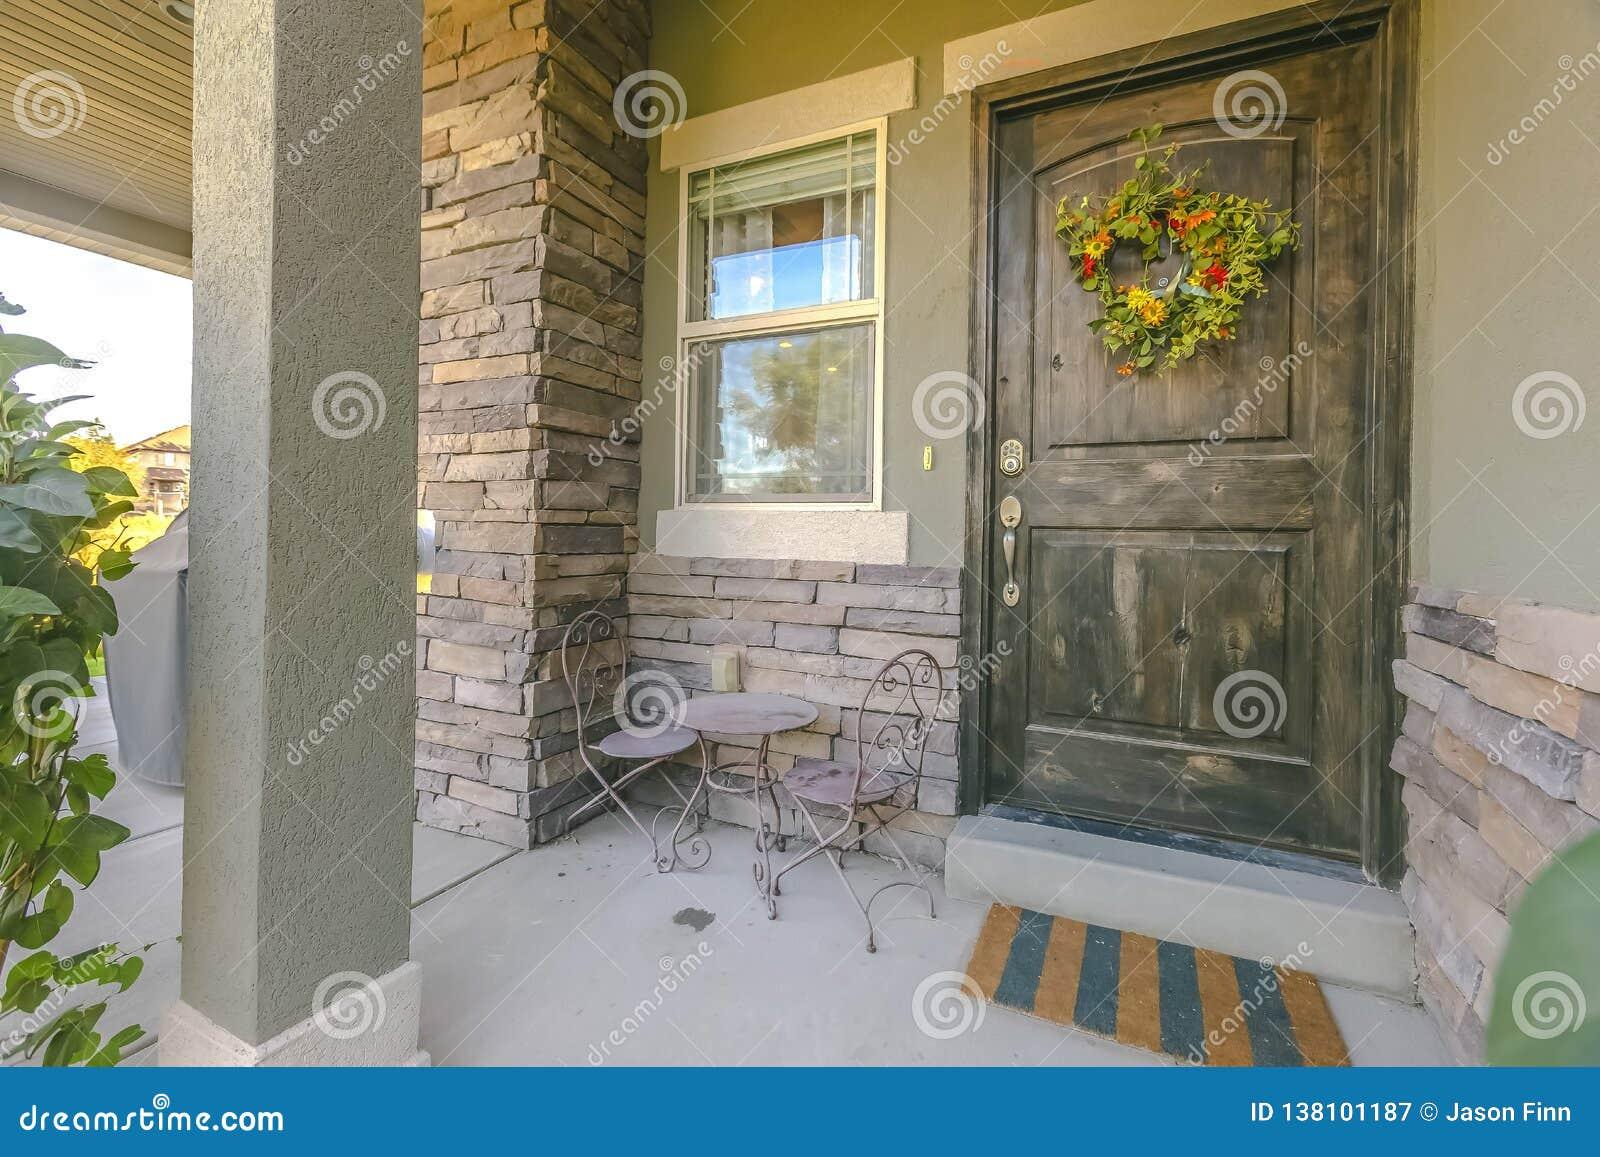 Huis met kroon op deur en meubilair op portiek